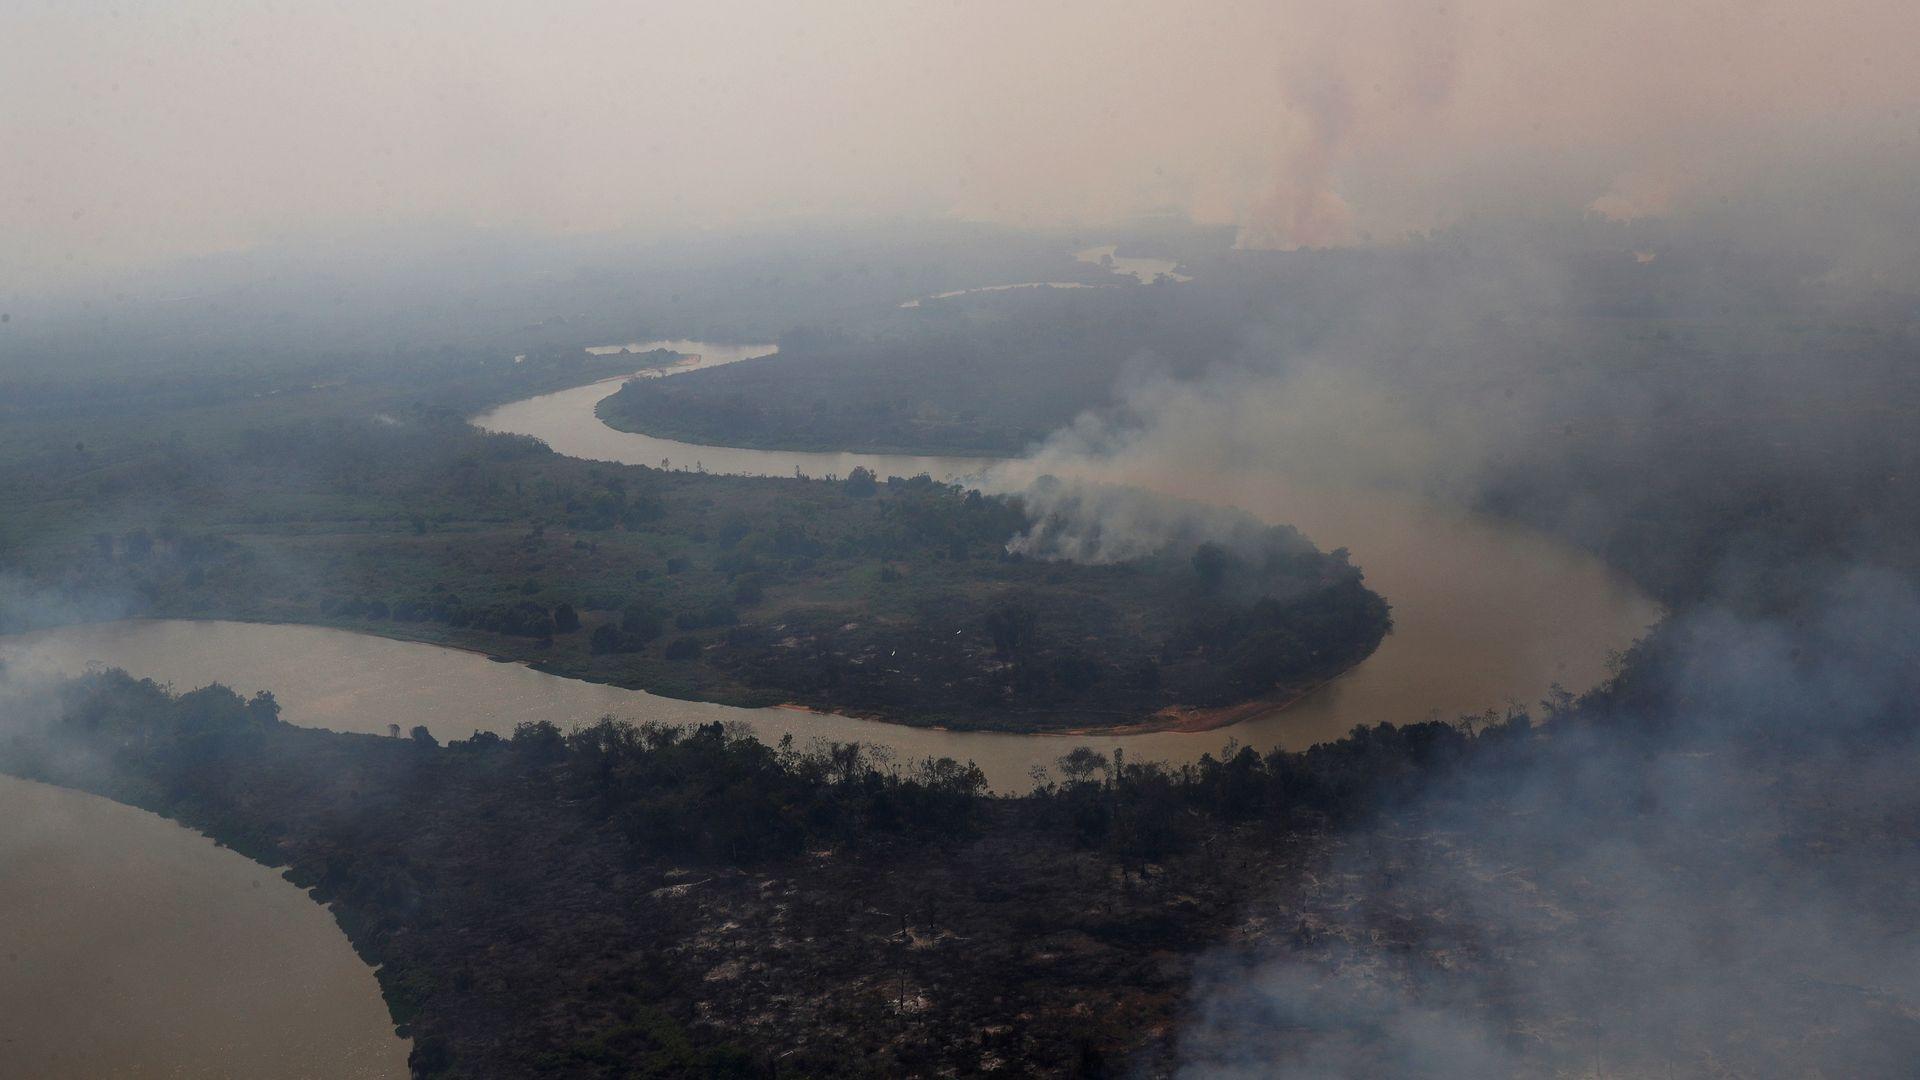 Uma vista aérea mostra a fumaça subindo no ar ao redor do rio Cuiabá no Pantanal, a maior área úmida do mundo, em Pocone, estado do Mato Grosso, Brasil, 28 de agosto de 2020. REUTERS / Amanda Perobelli PROCURE